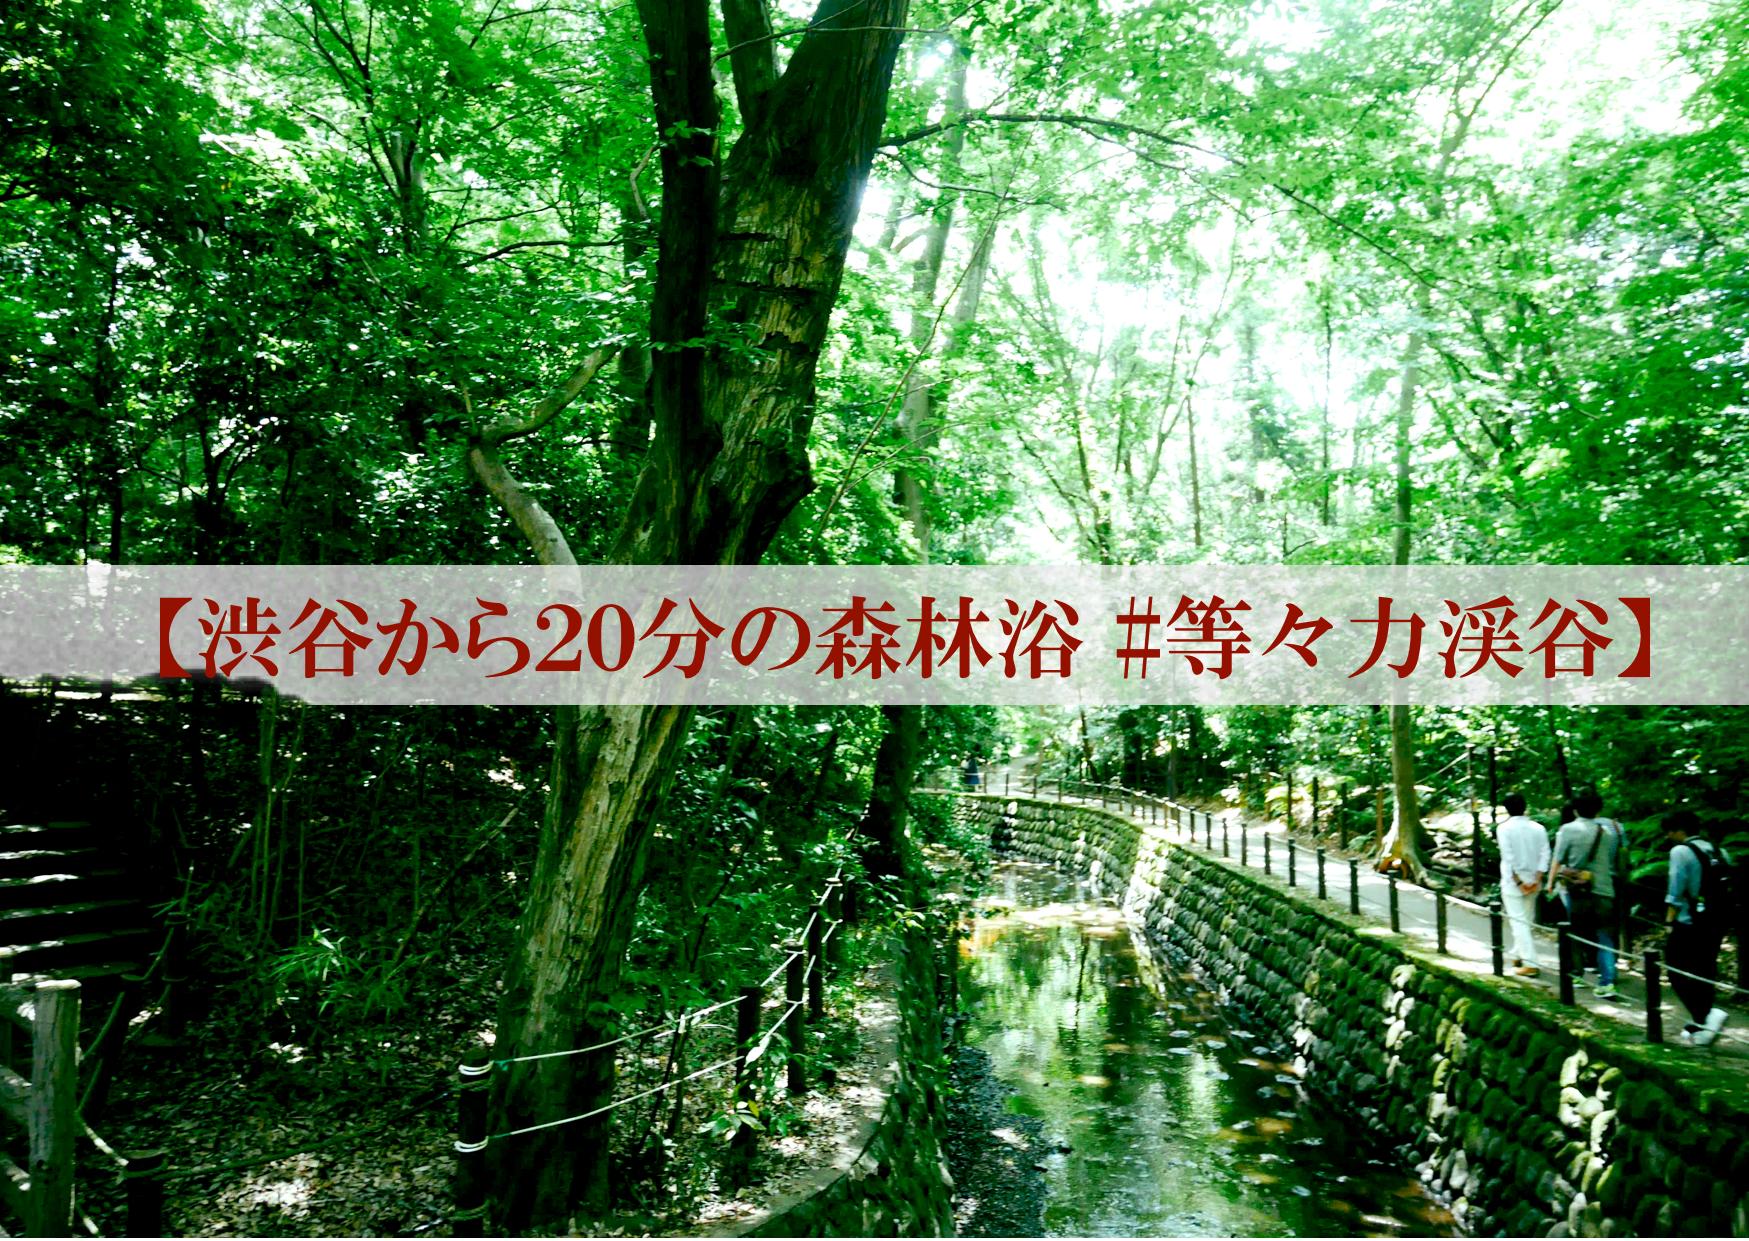 【渋谷から20分の森林浴 #等々力渓谷】